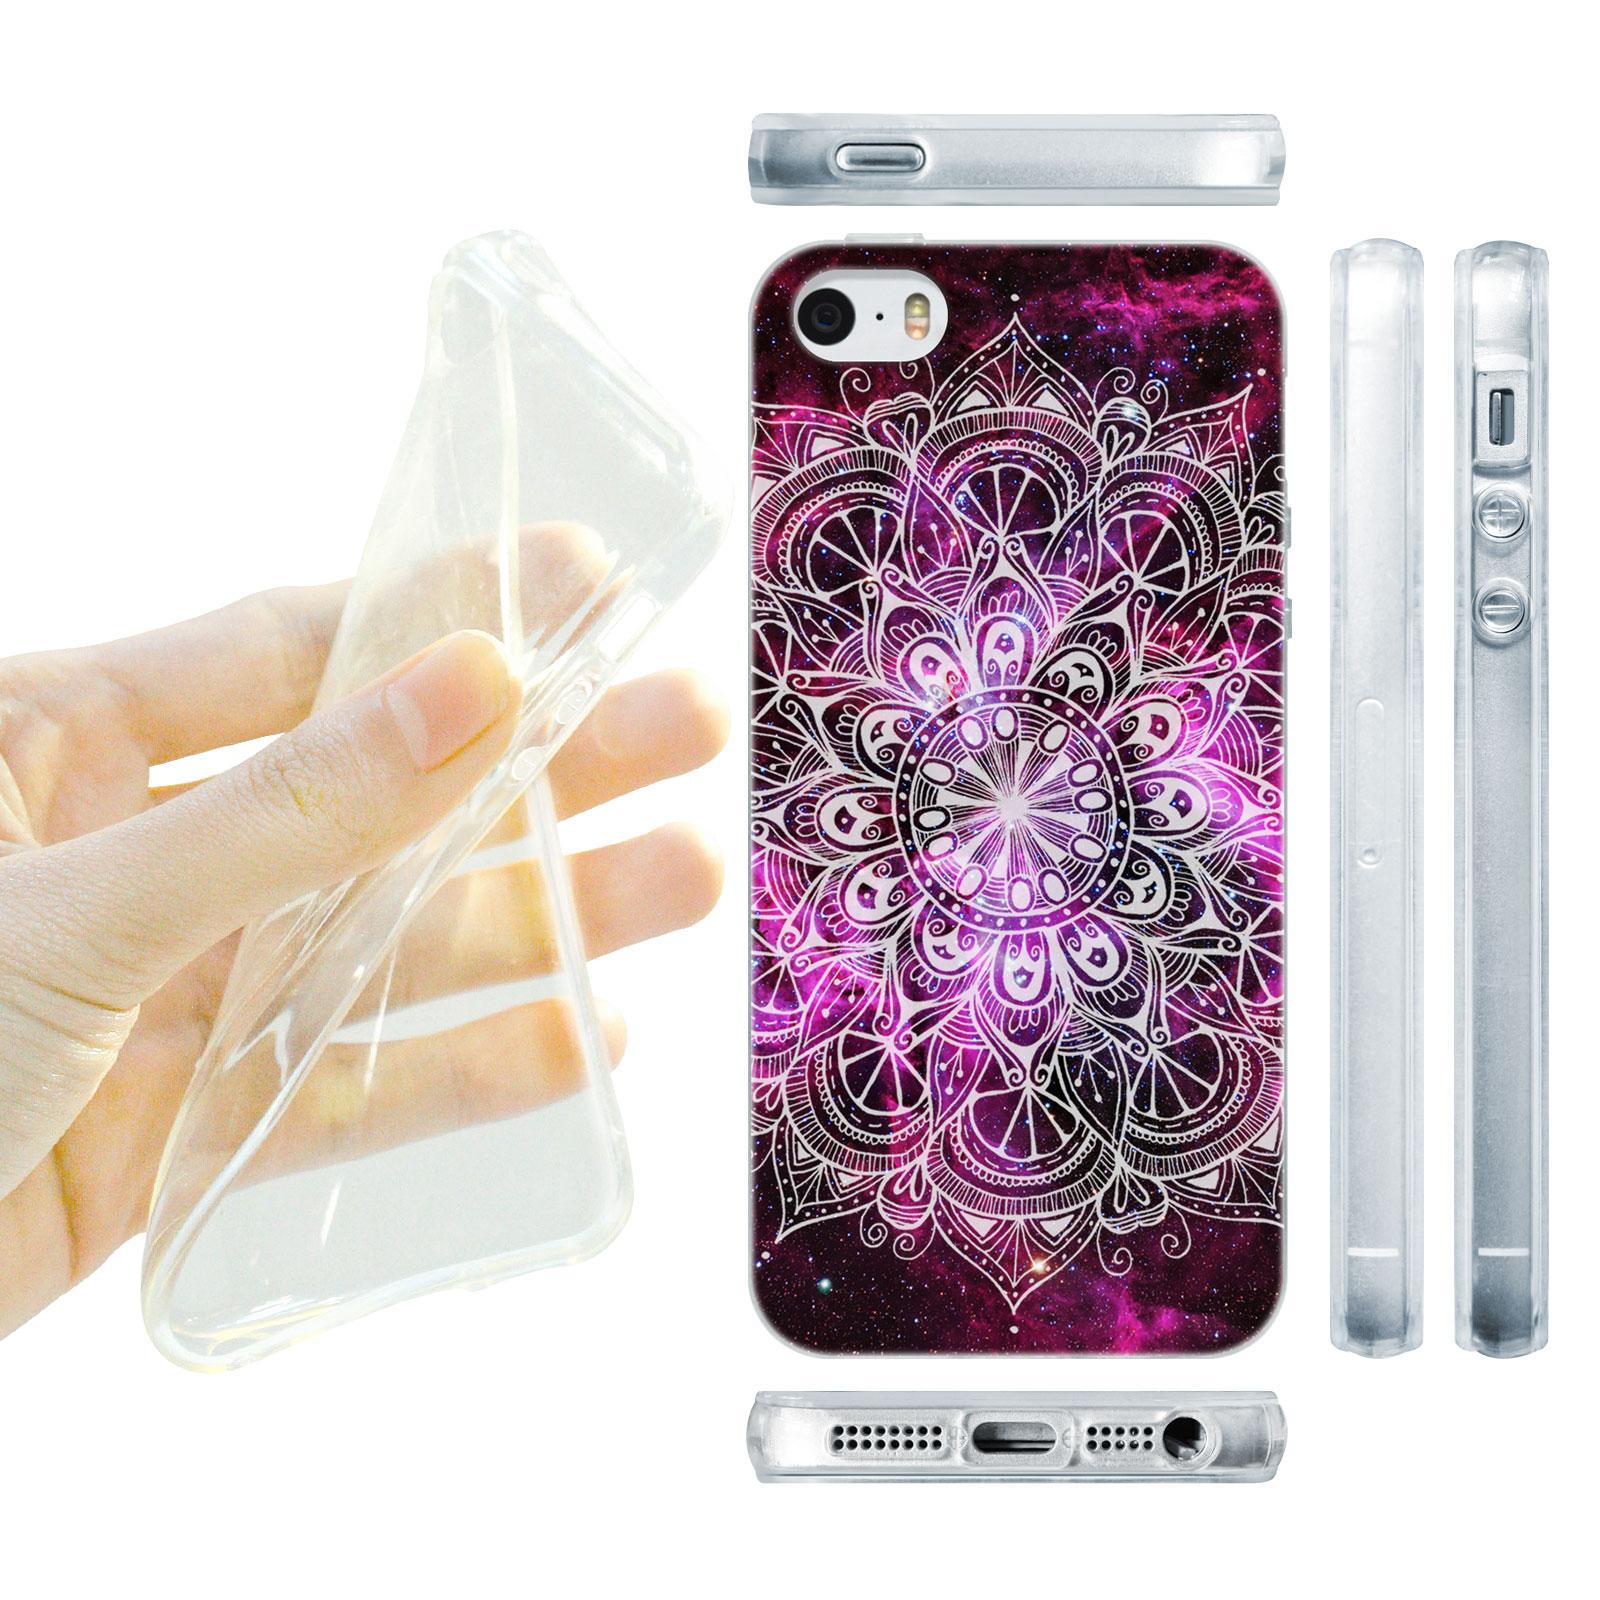 HEAD CASE silikonový obal na mobil Iphone 5 5S barevná mandala vesmír  fialová empty ac965caaf34